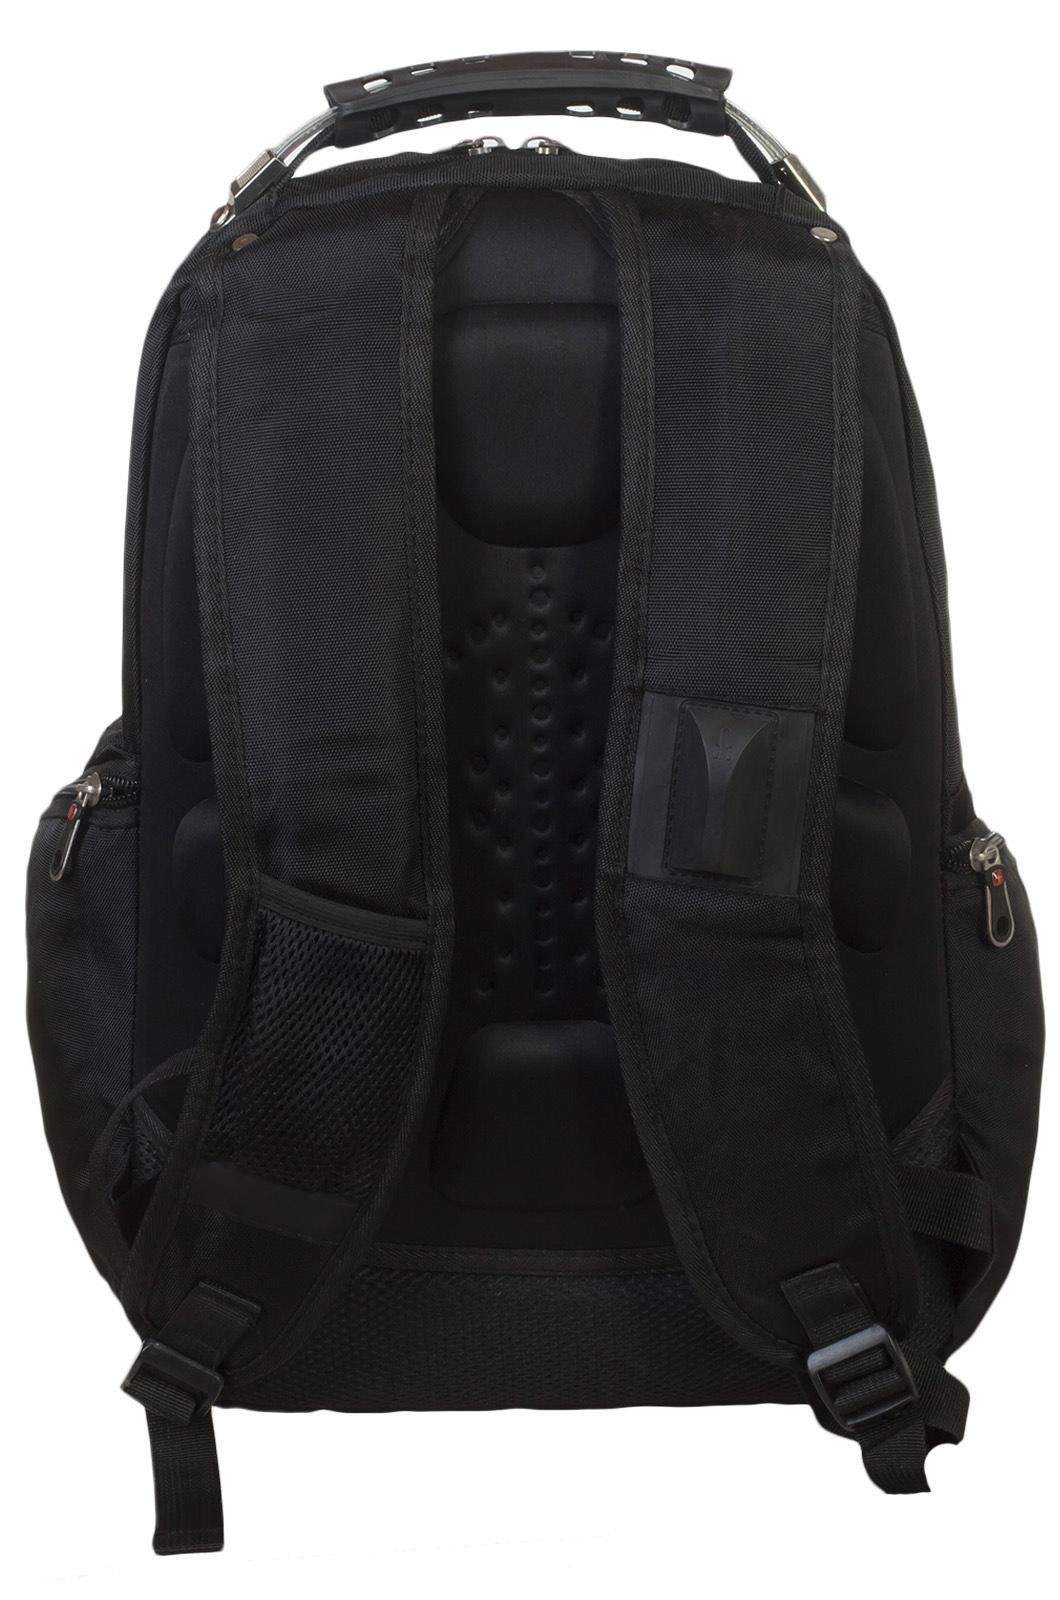 Топовый городской рюкзак с флагом Разведки ВДВ купить онлайн